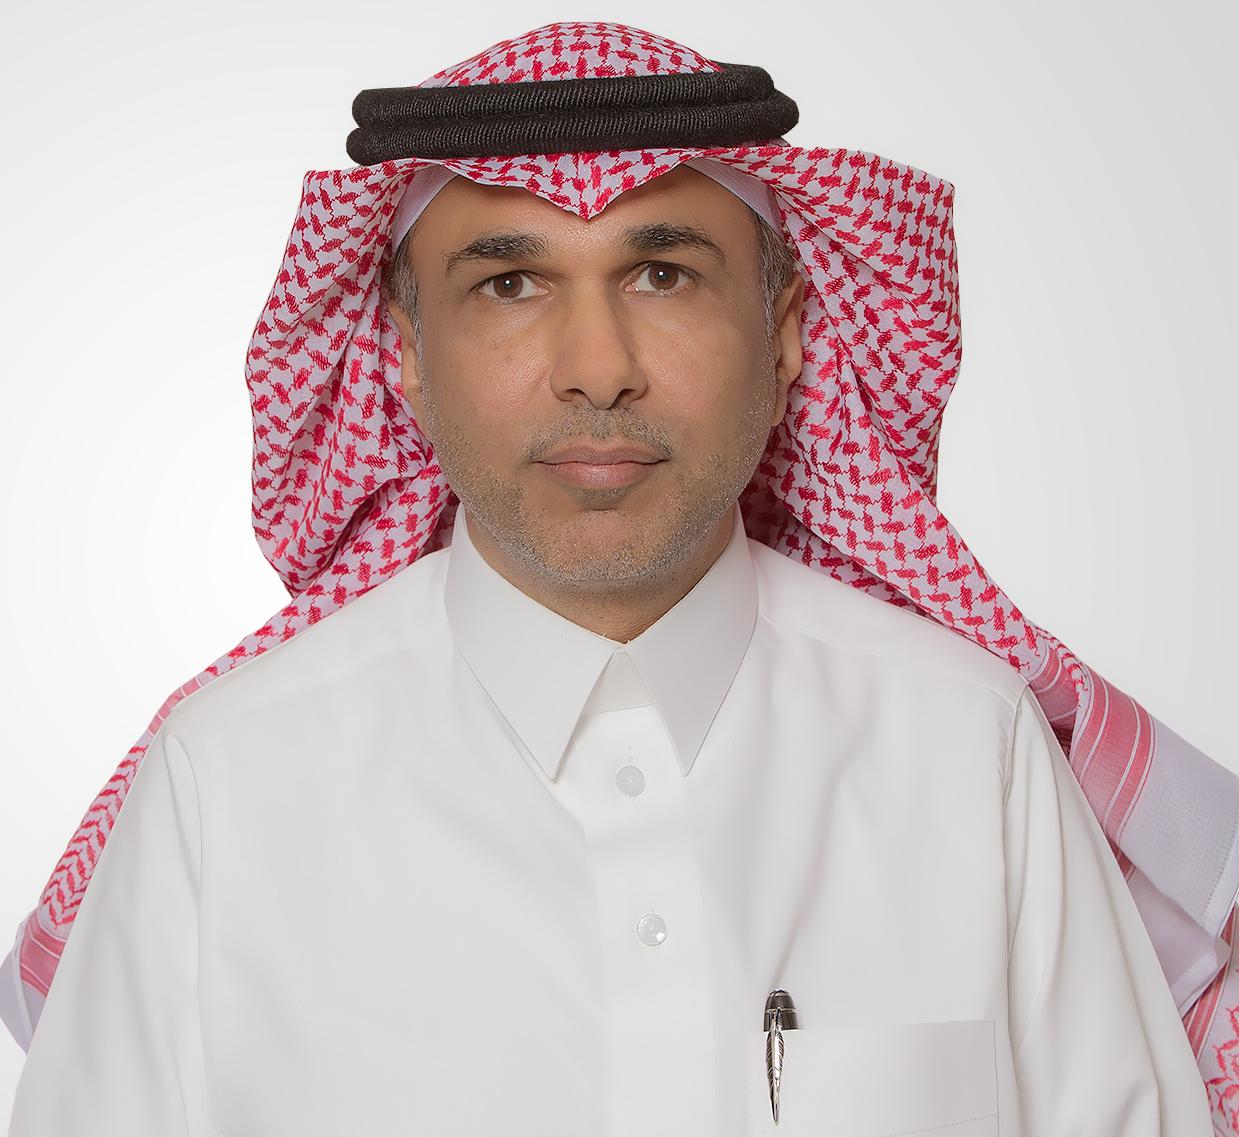 صورة الرئيس المهندس ناصر الناصر (2)